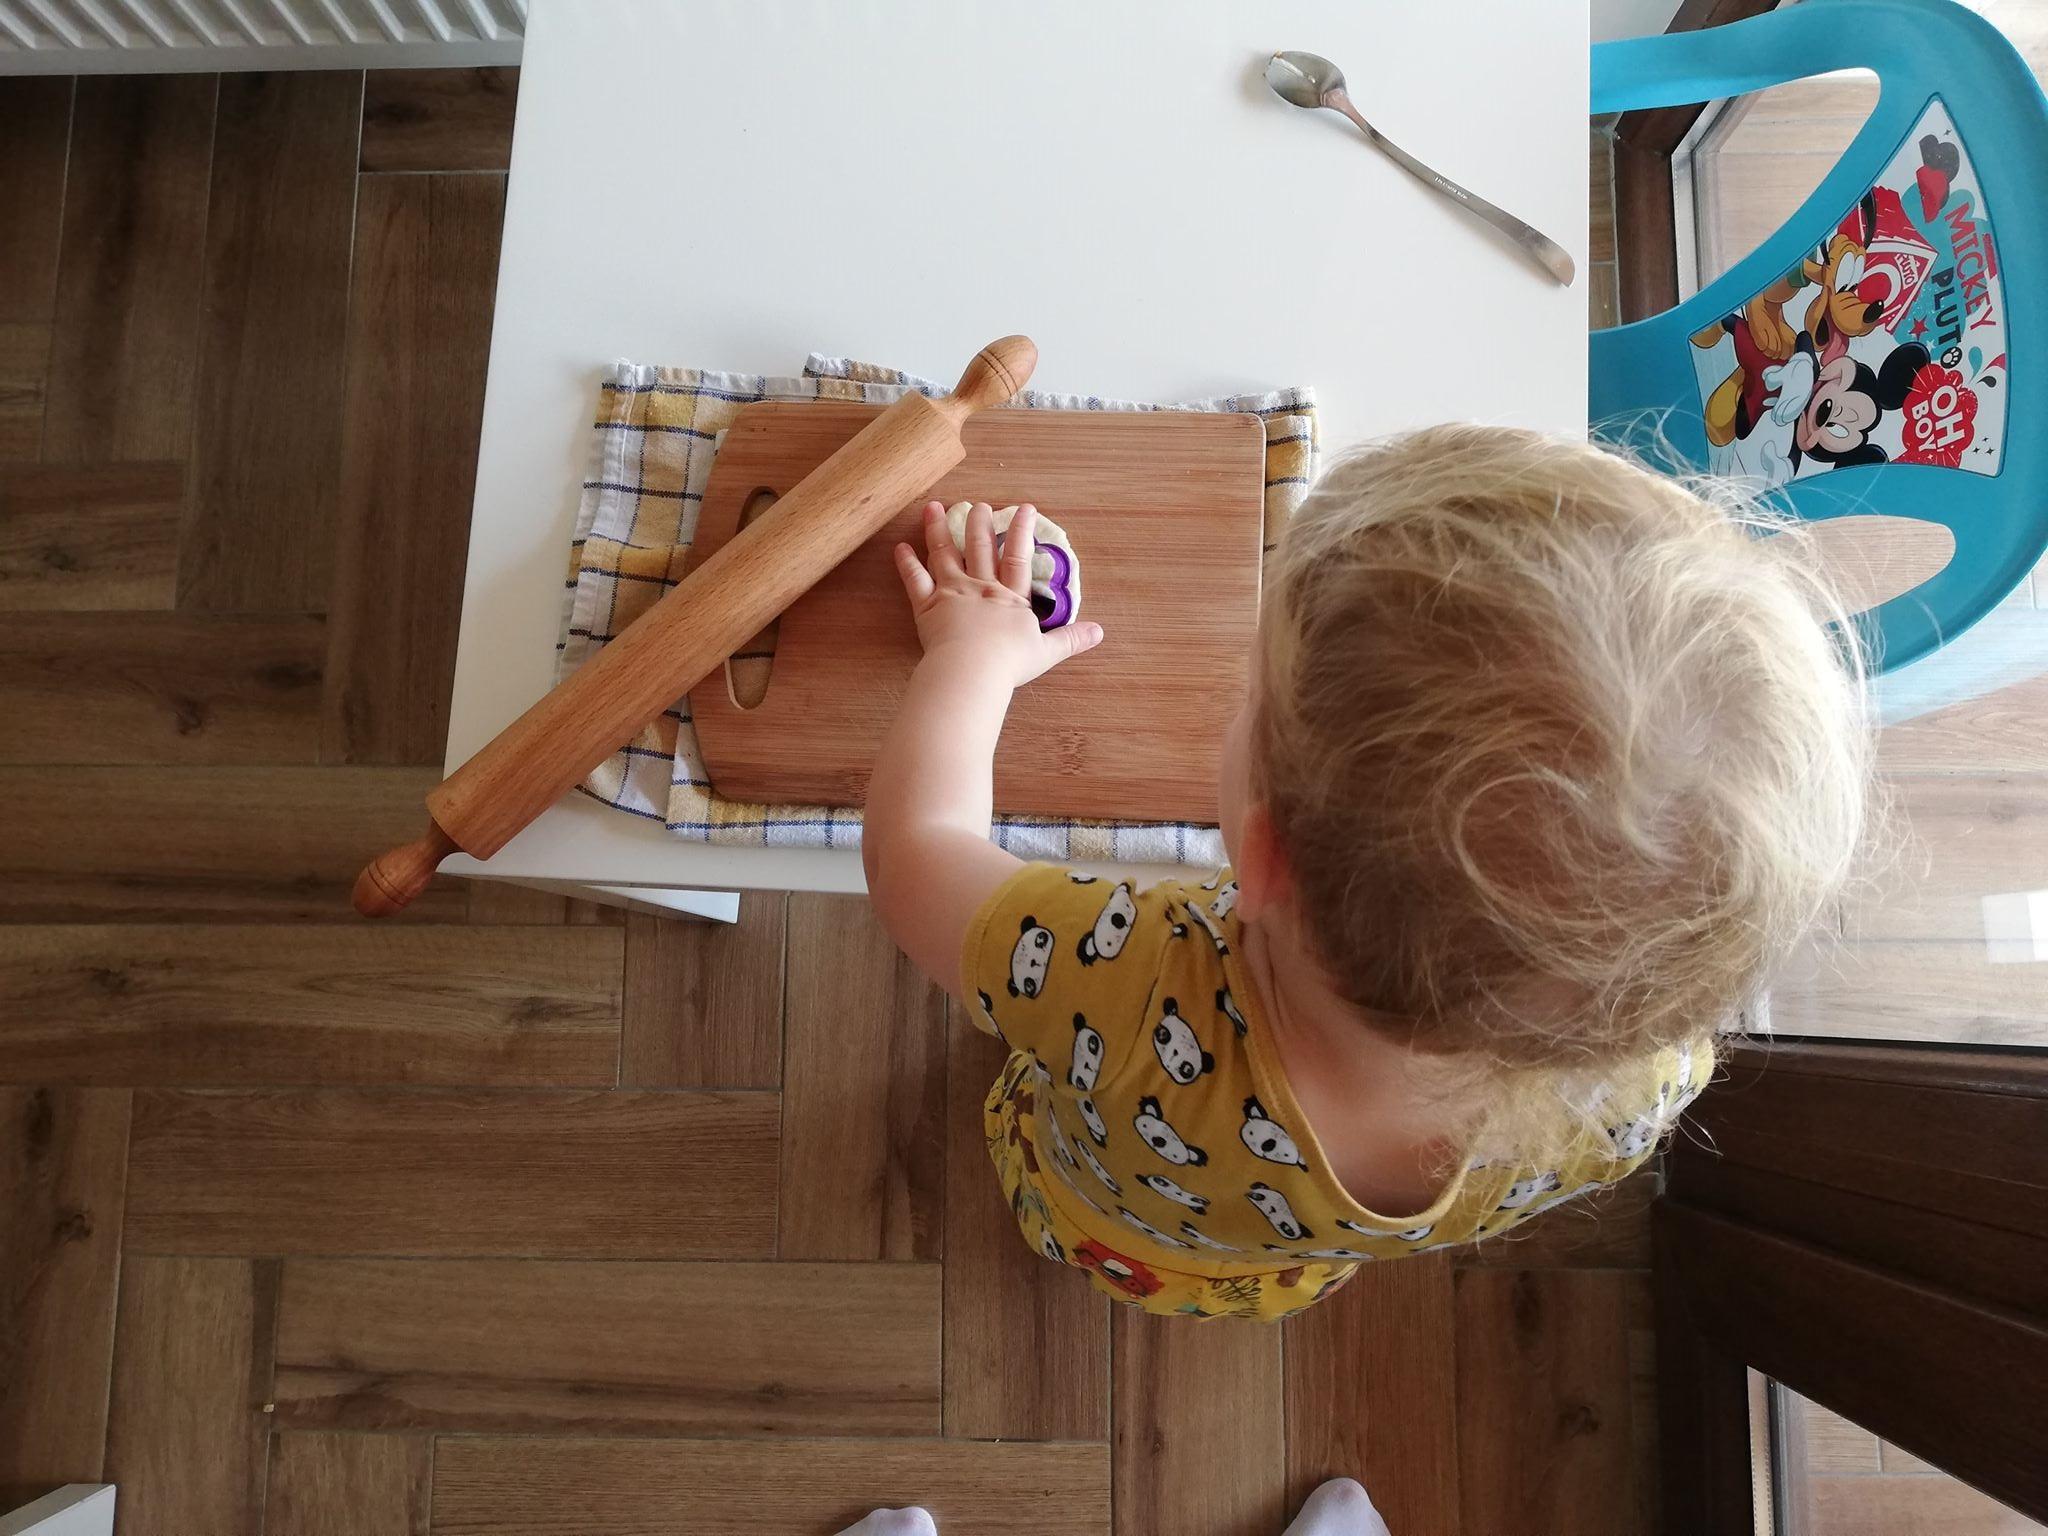 activitate-in-casa-pentru-copii-de-un-an-aluat-plastiina-playdough